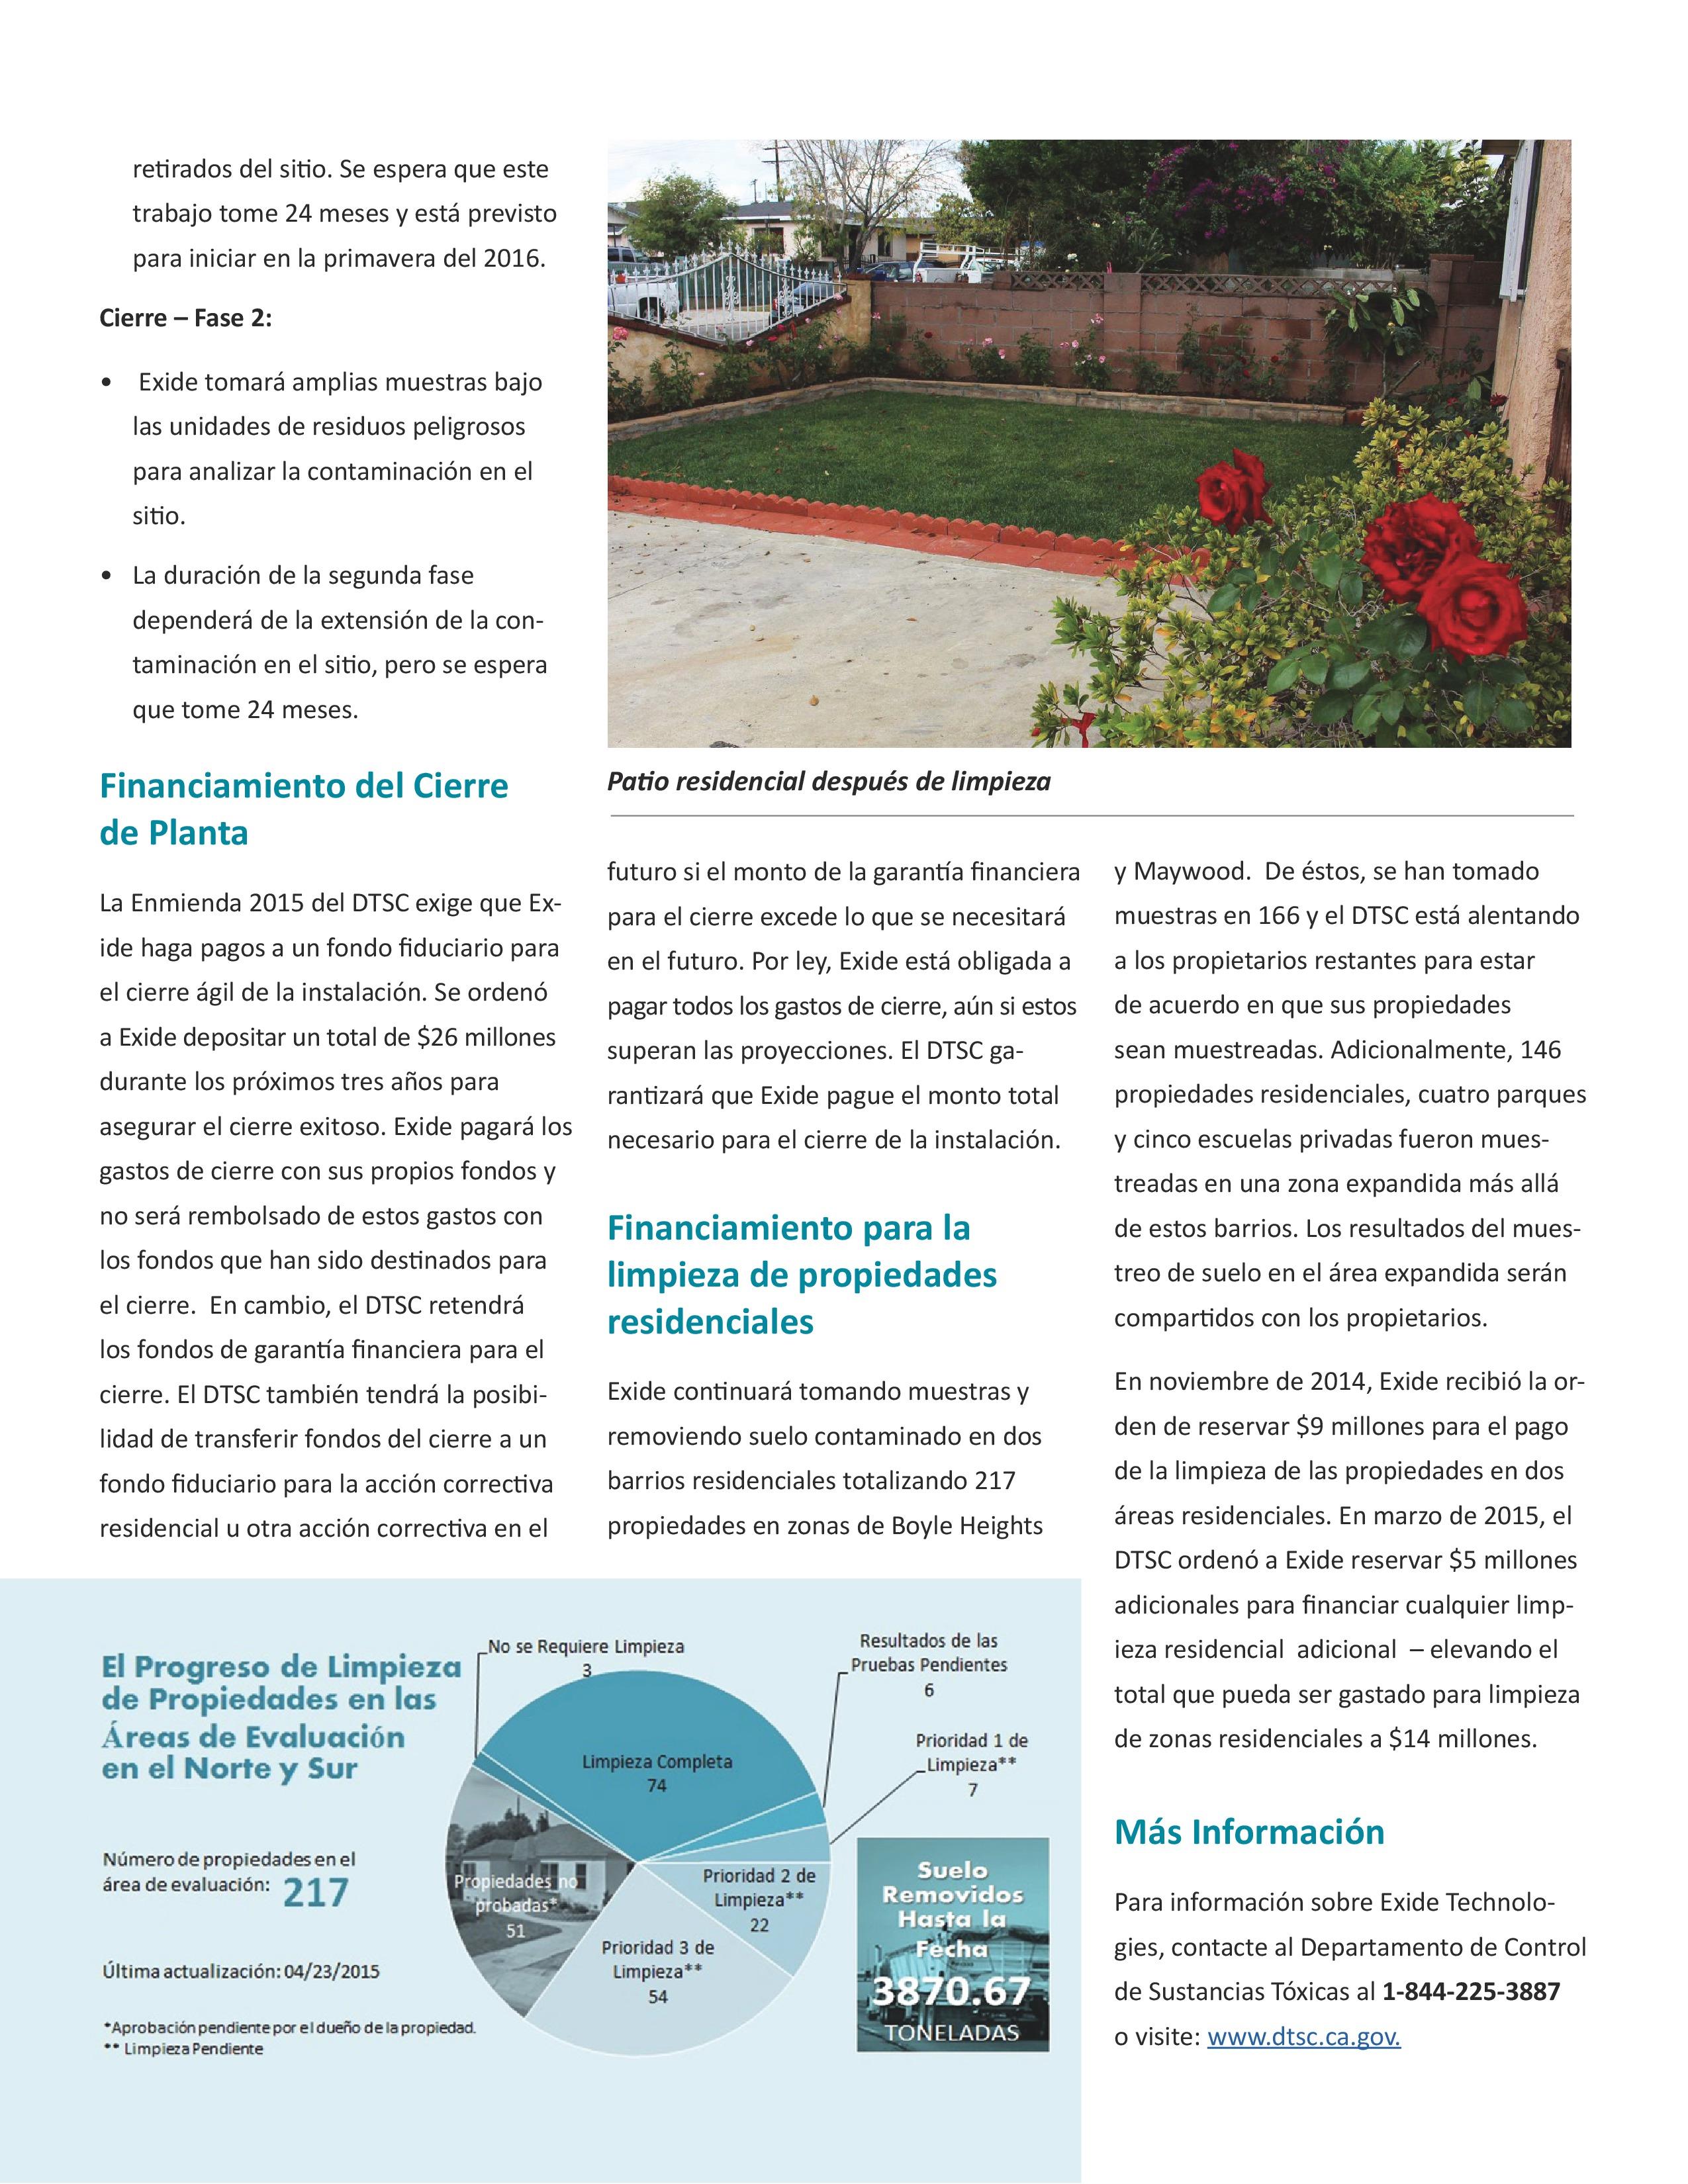 Exide_Spanish_2.jpg